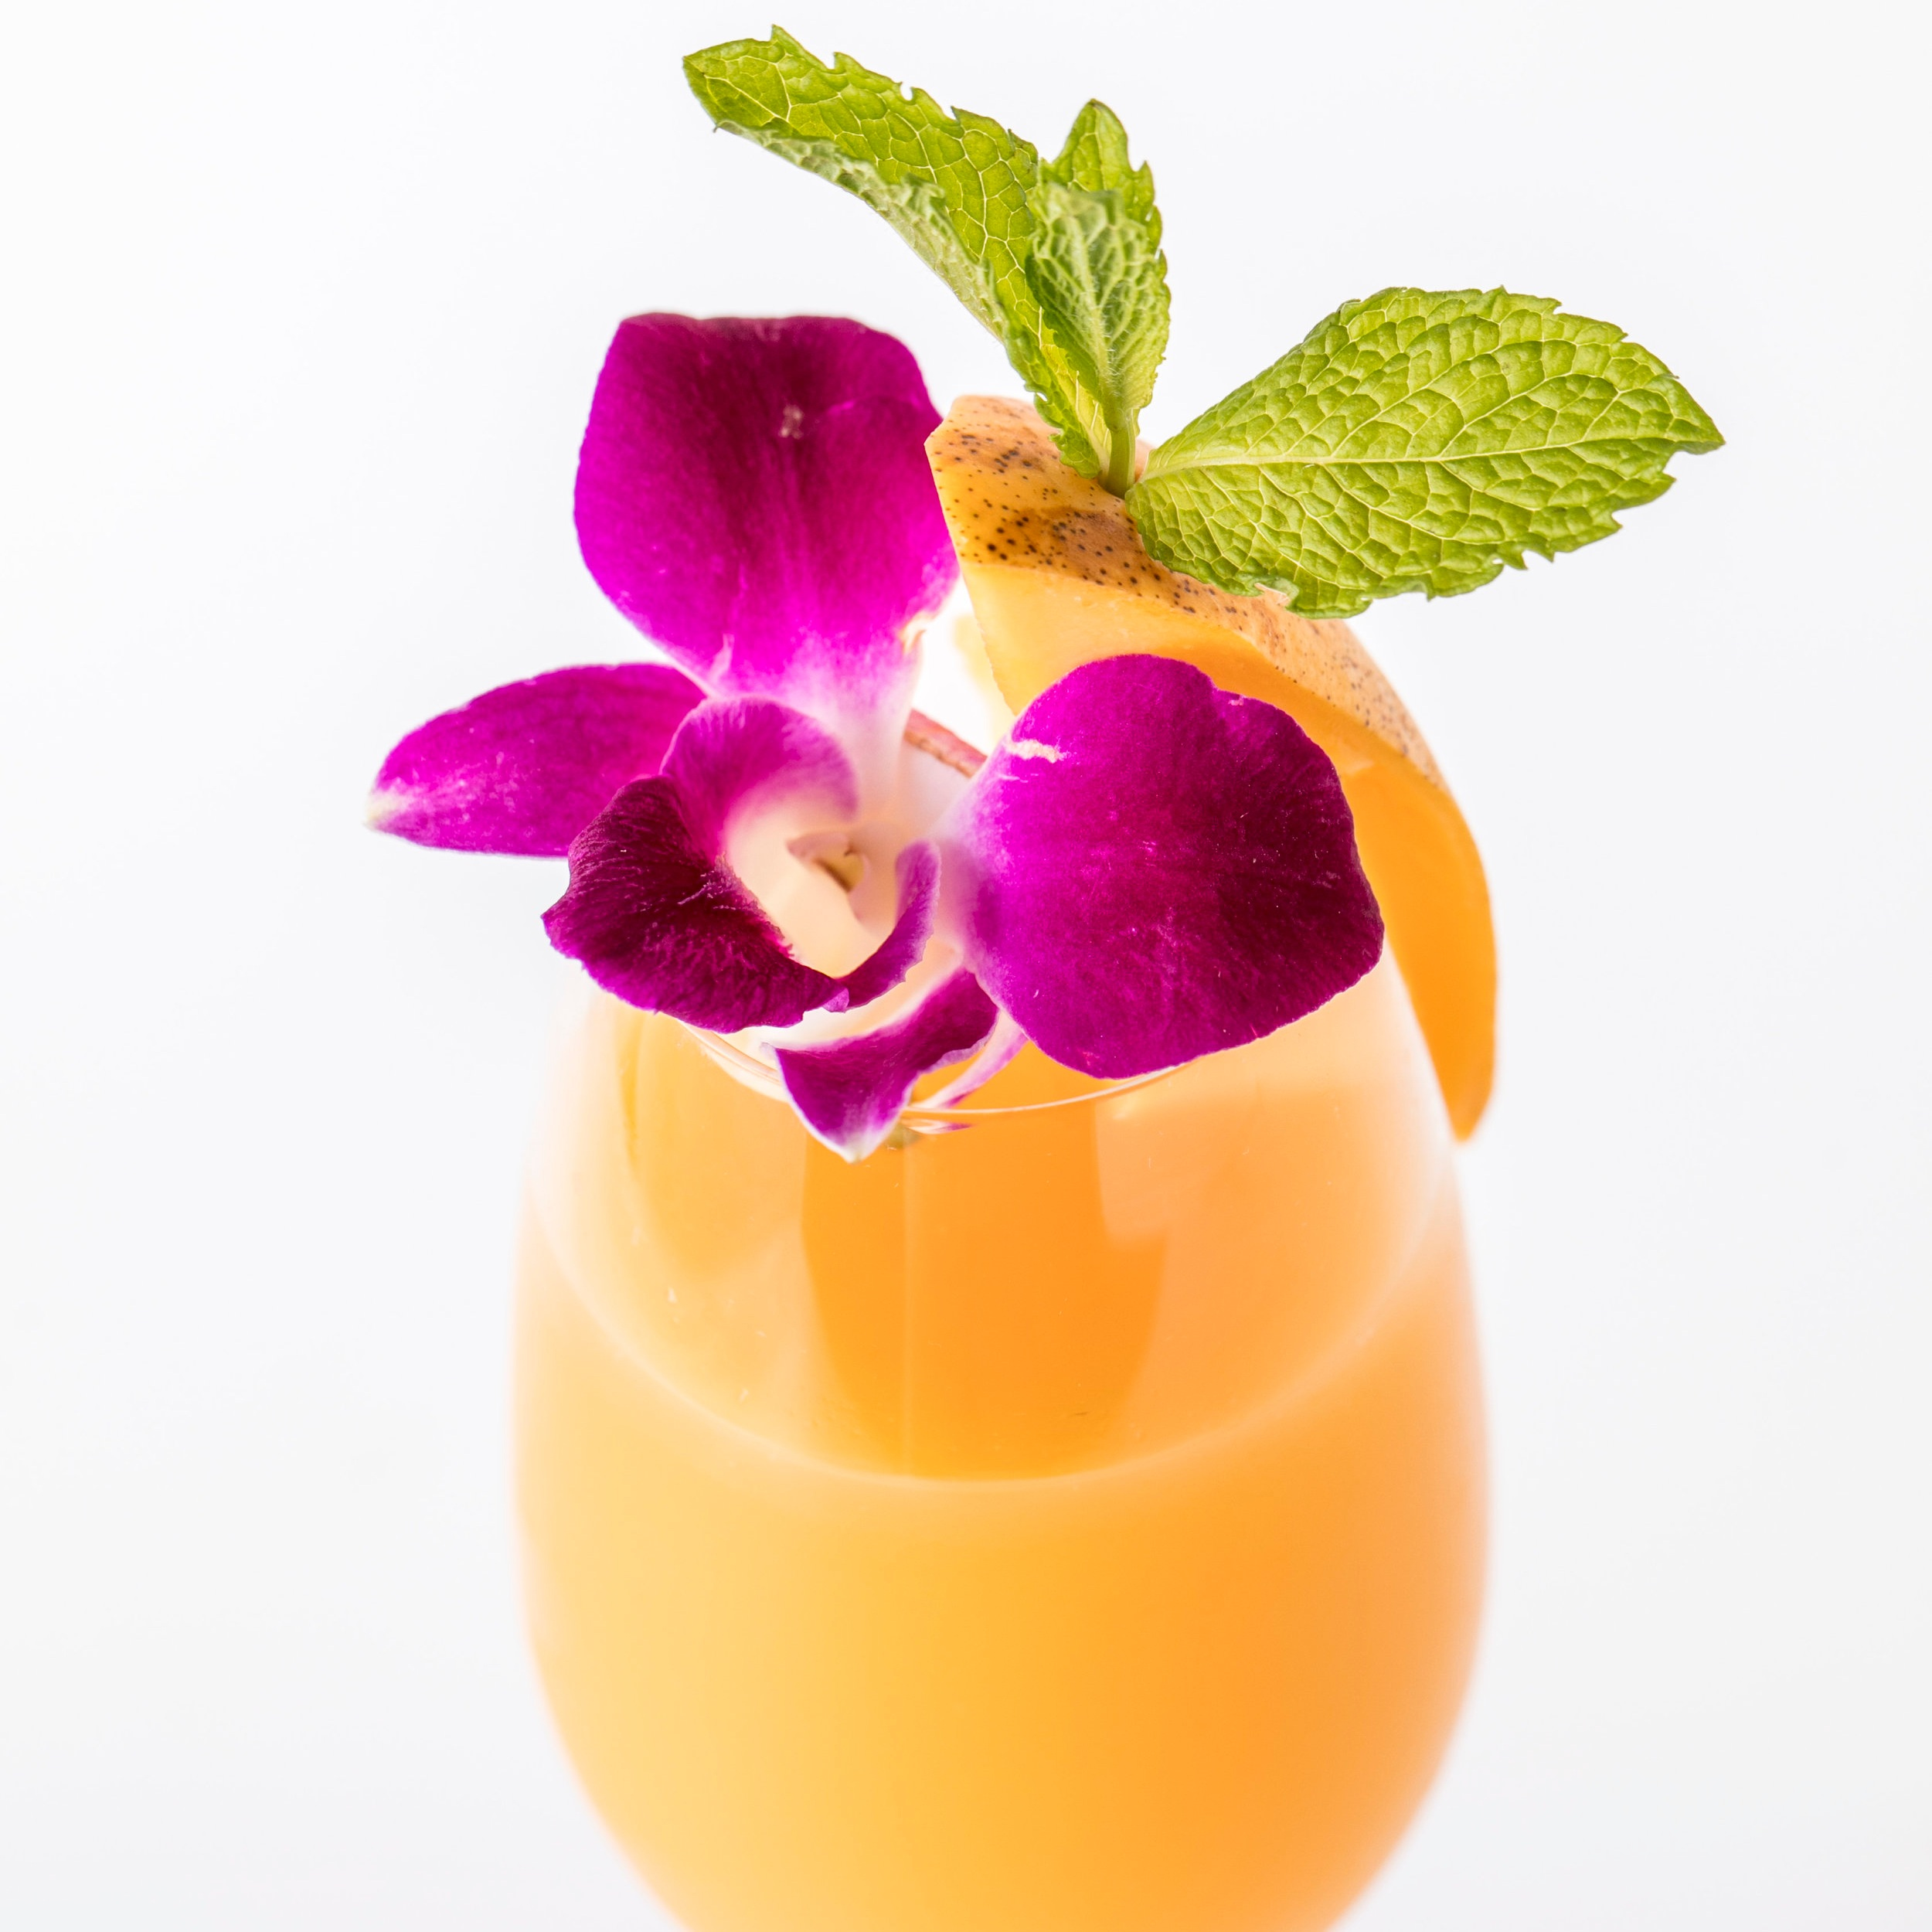 Mango Cocktails マンゴー・カクテル    マンゴーベリーニ($14) マンゴーピューレとスパークリングワインのスウィートなバブル   マンゴーモヒート($14) マンゴーとホワイトラムがマッチする人気カクテル   マンゴーノーヒート($12) ノンアルコールのカマンゴークテル  イタリア、ロンバルディア州にあるサロンノは、ディサロンノ・アマレット発祥の地。そのディサロンノ・アマレットとマンゴーピューレ、フレッシュライム、シュガーのミックスにフレッシュマンゴーを飾ったカクテル。